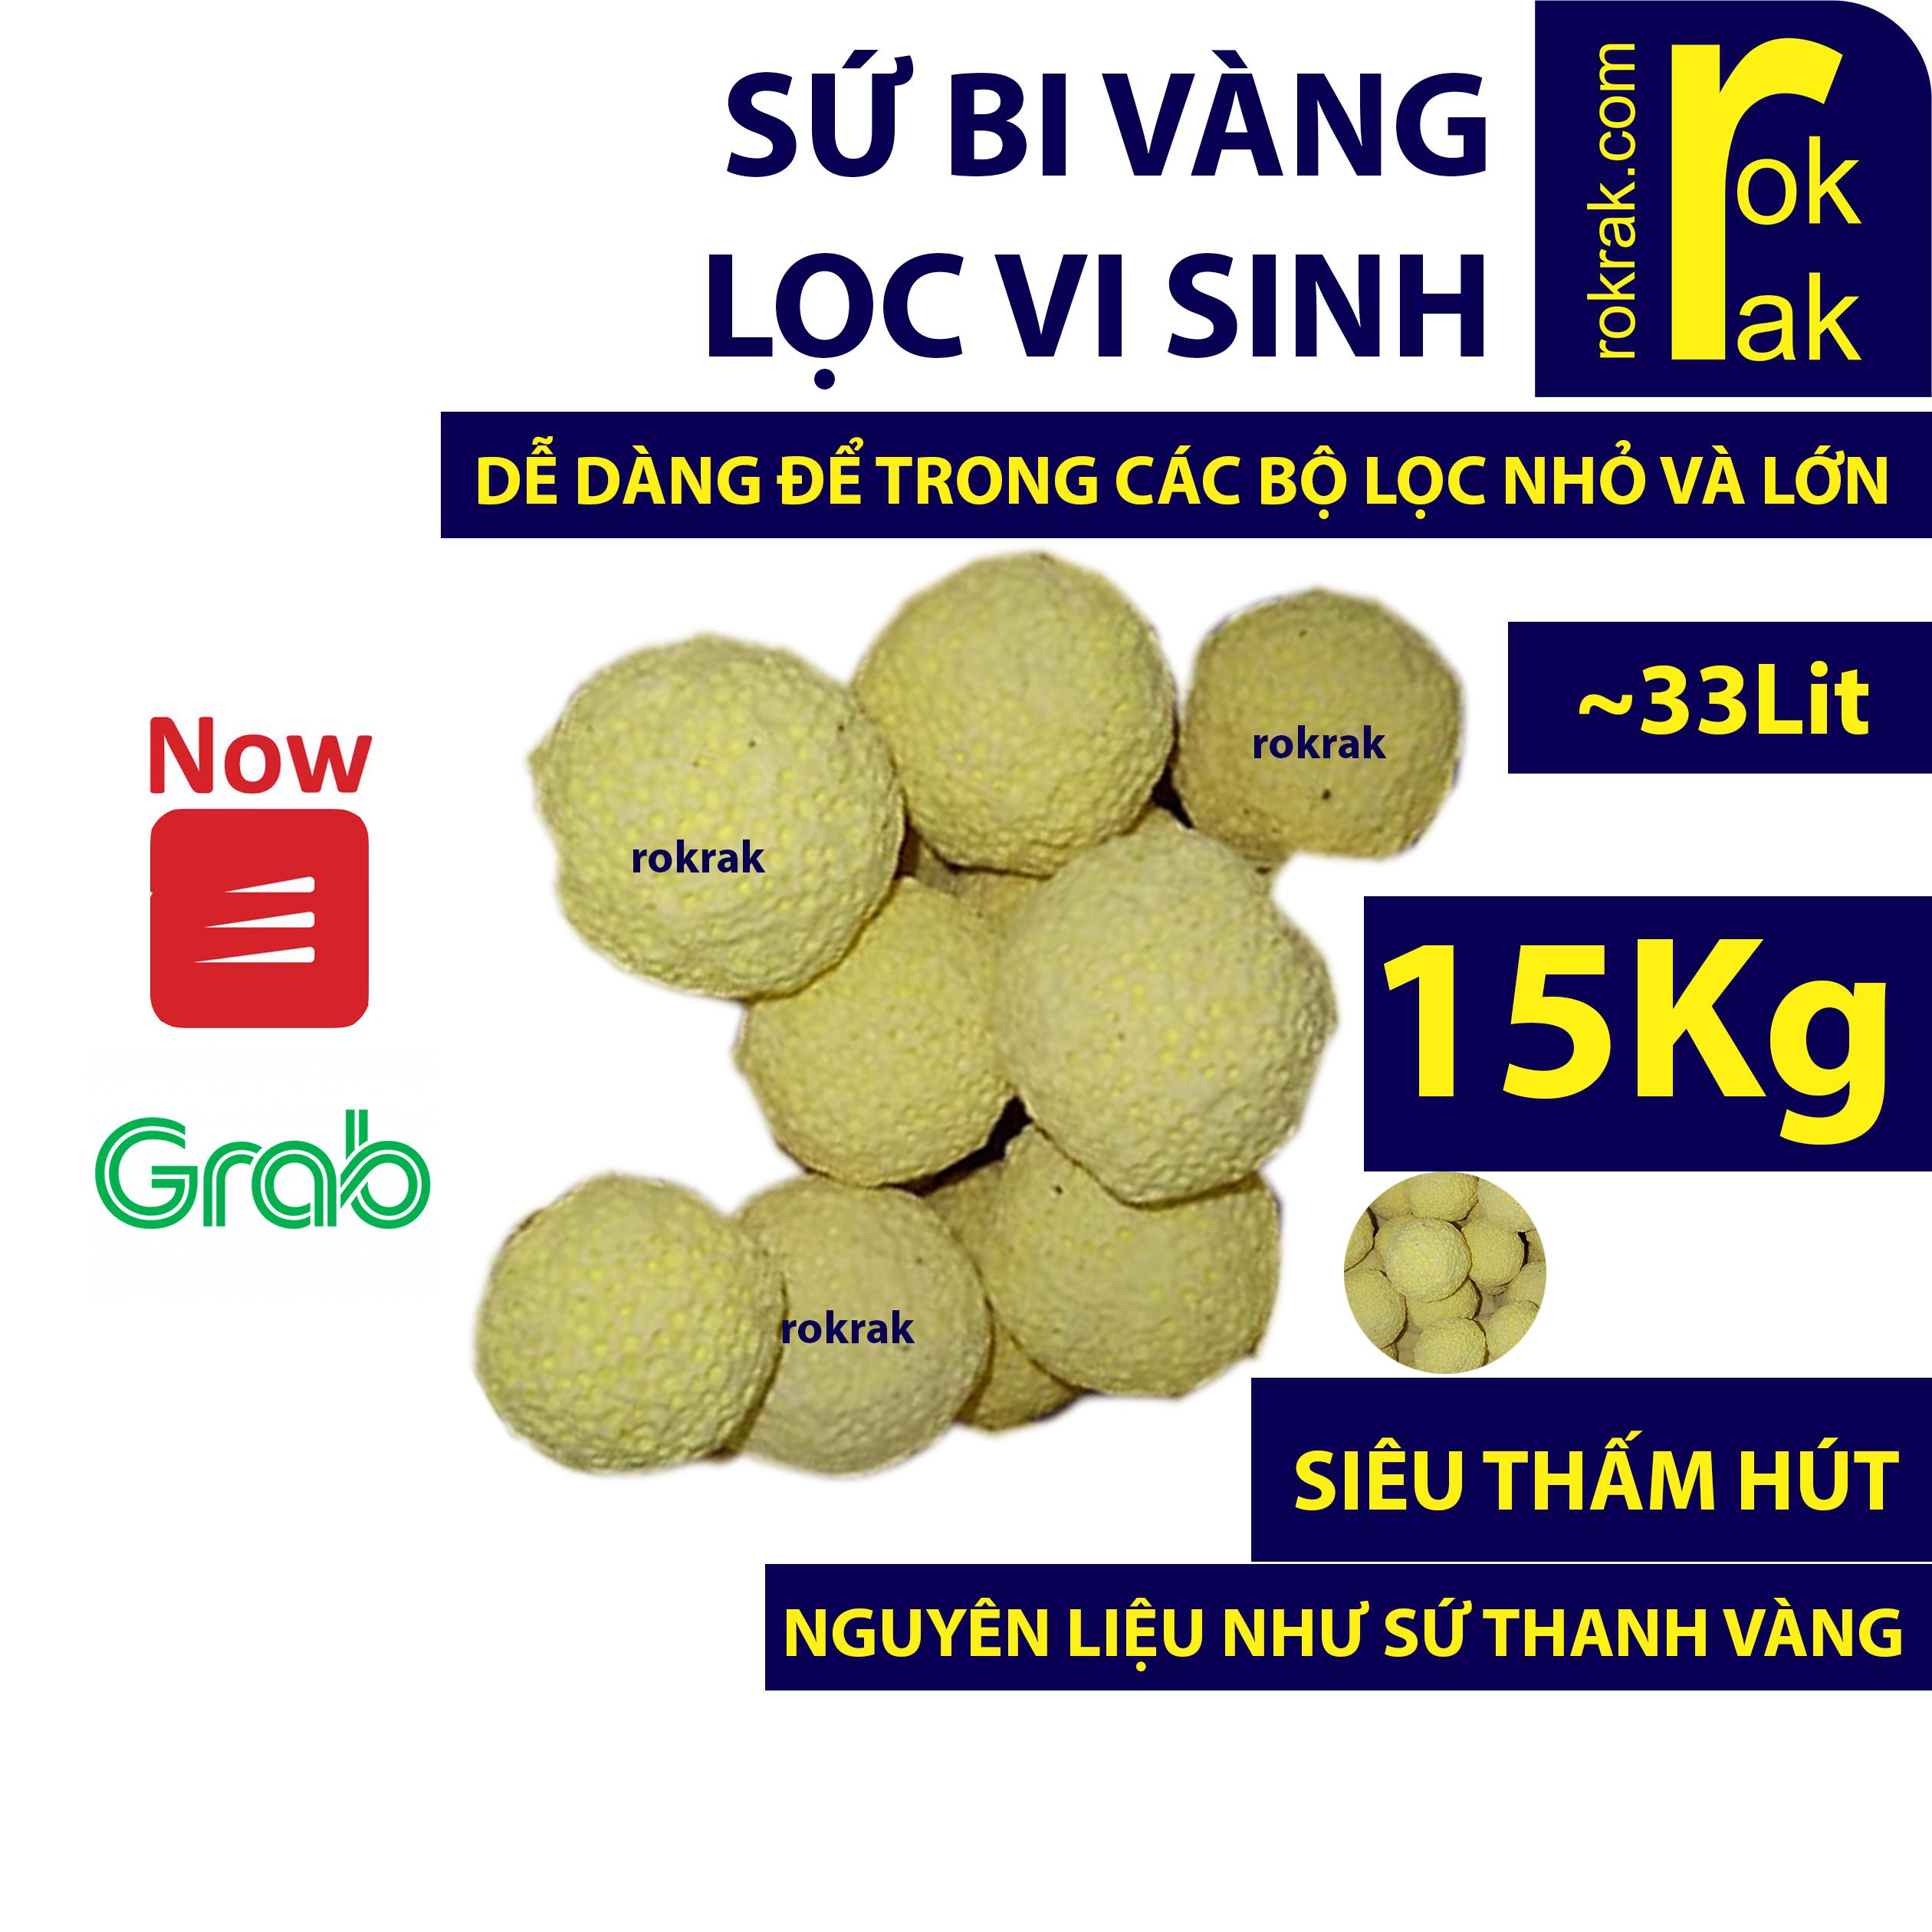 sứ bi vàng bao 15kg